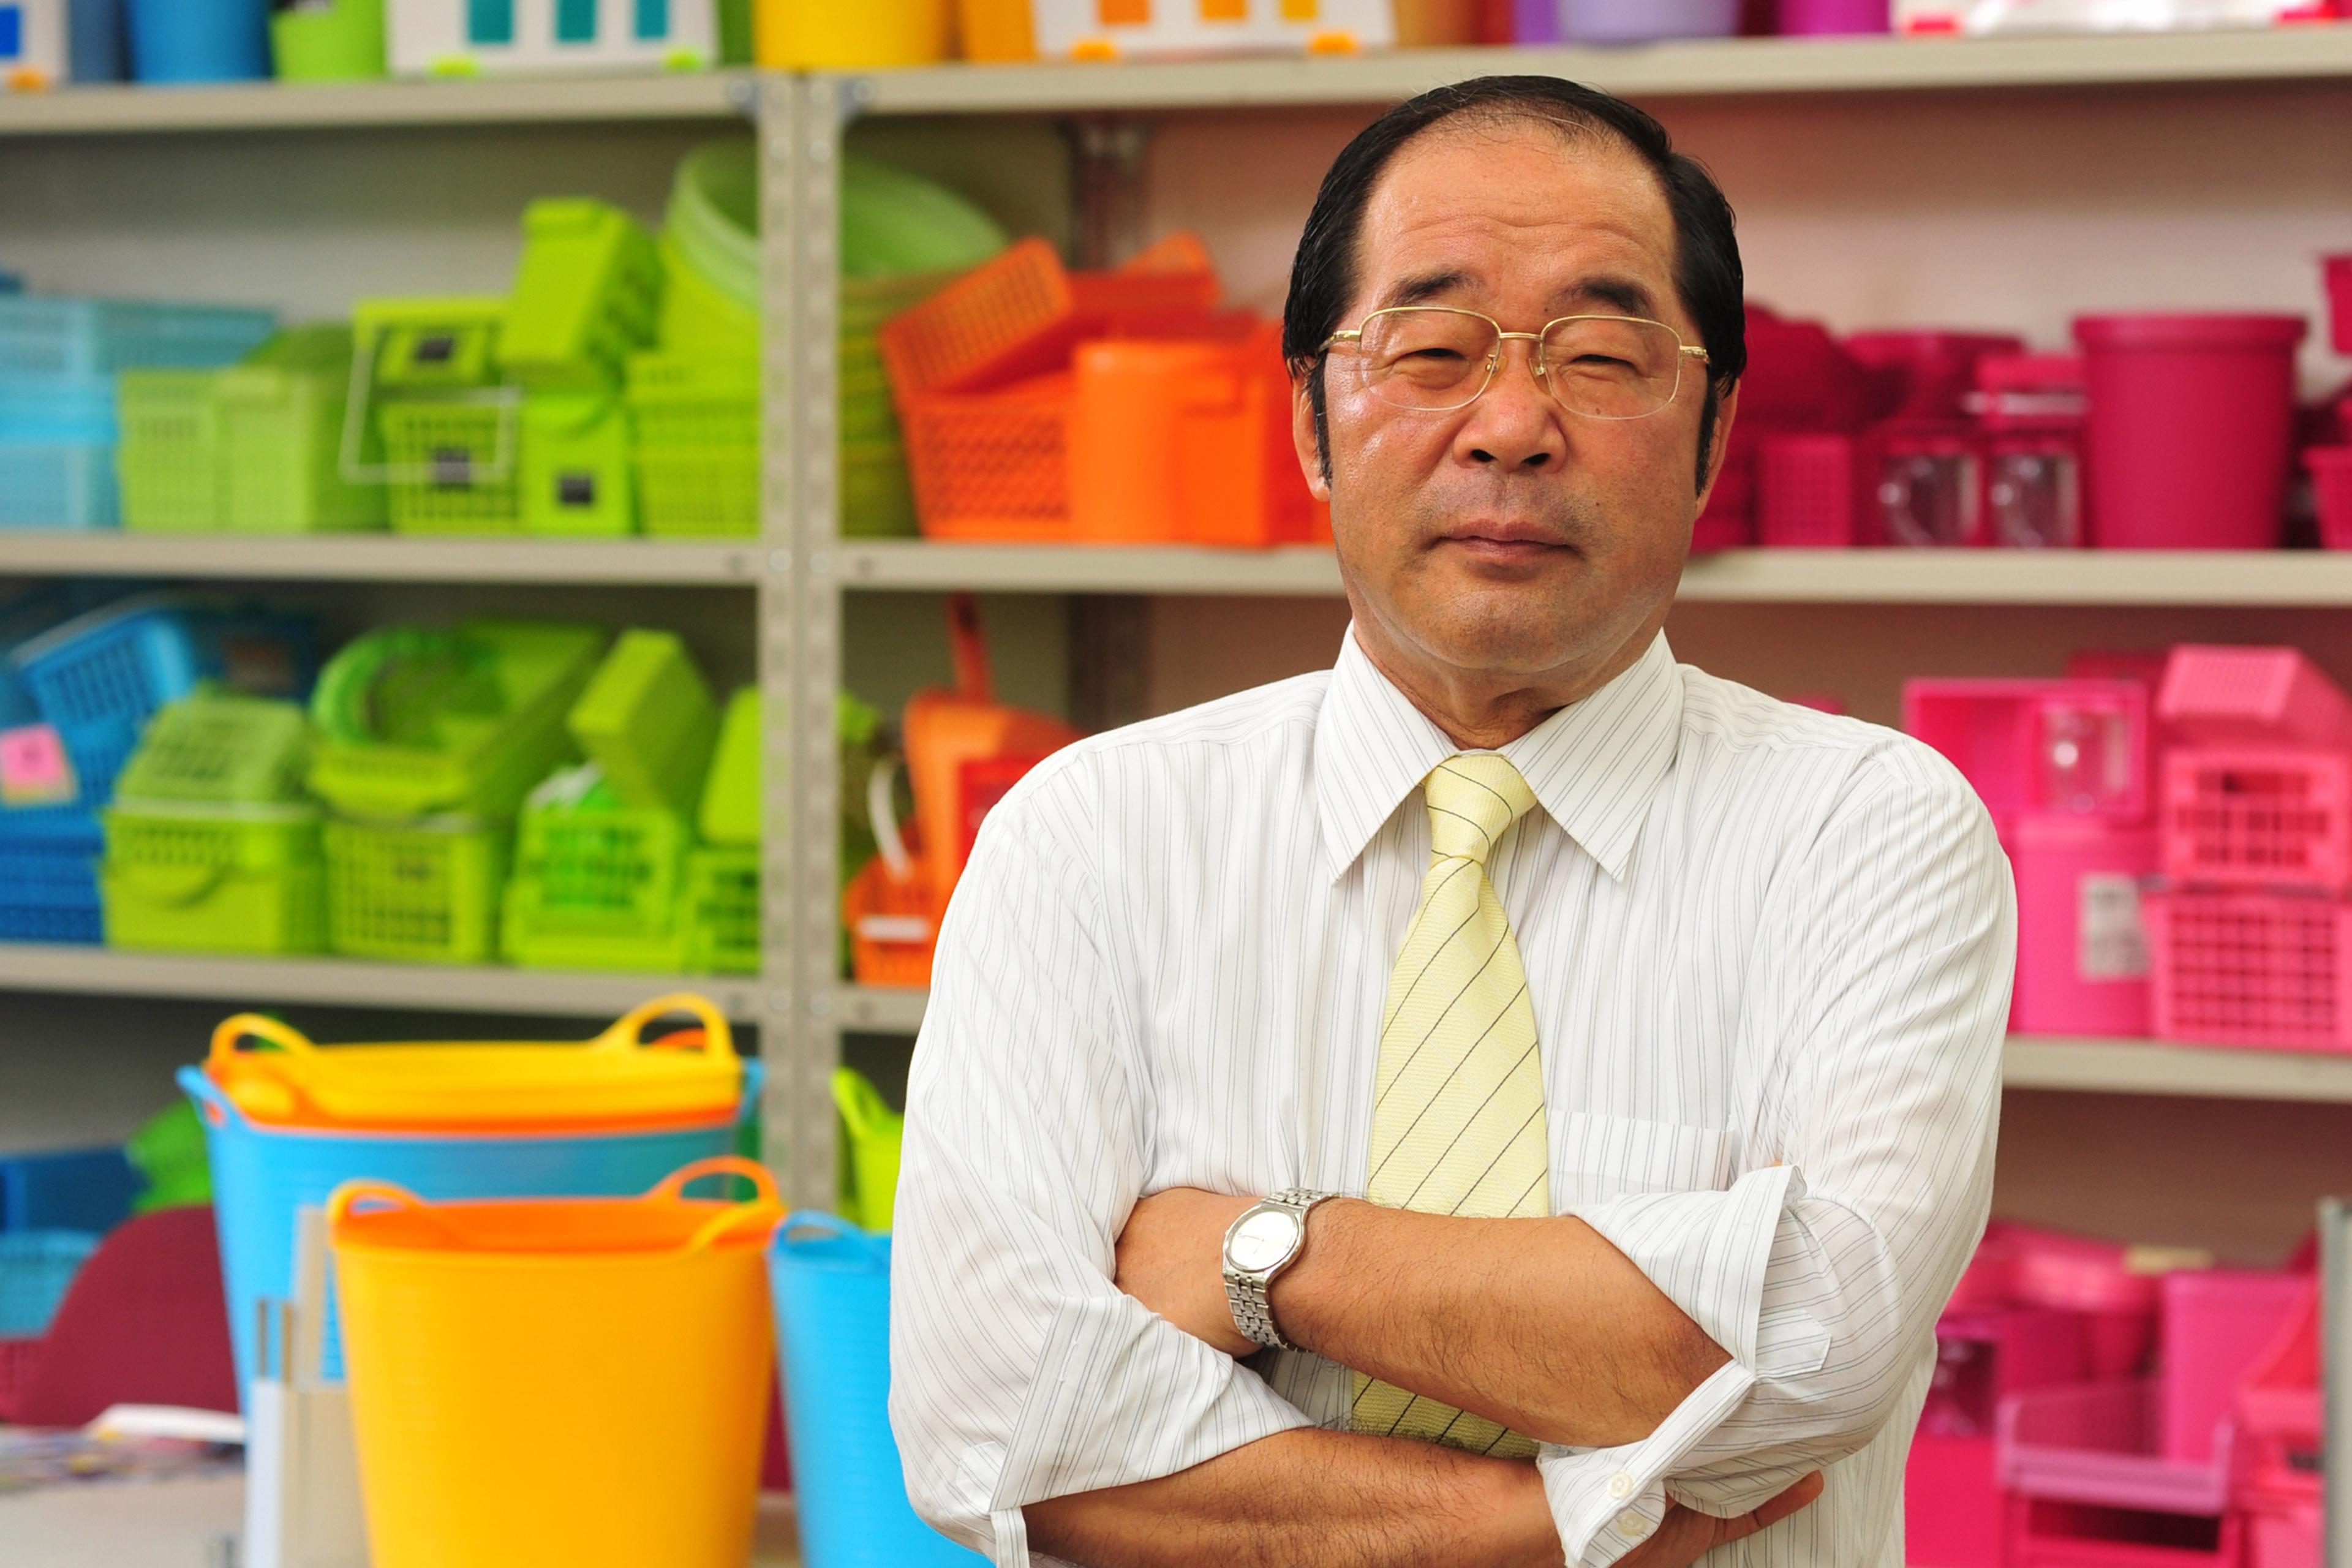 2019 Entrepreneur Hirotake Yano